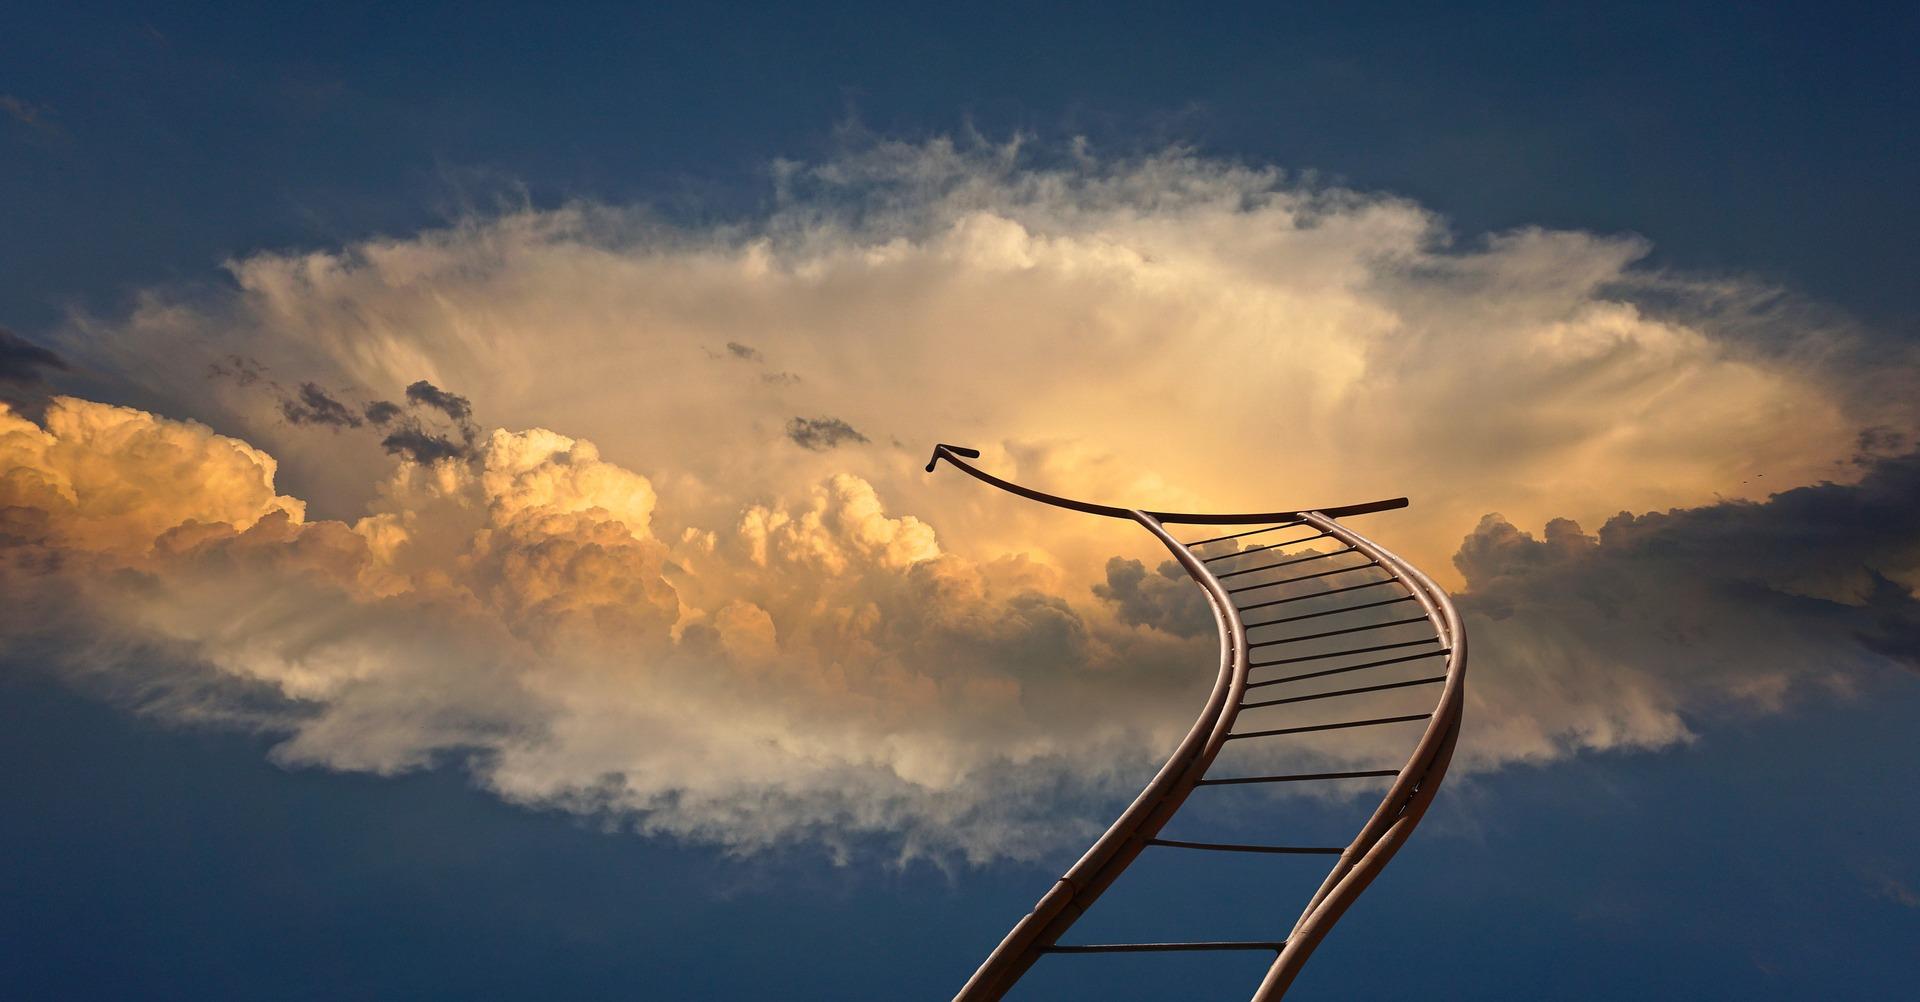 捨てる覚悟と決断ができる人が成功する理由